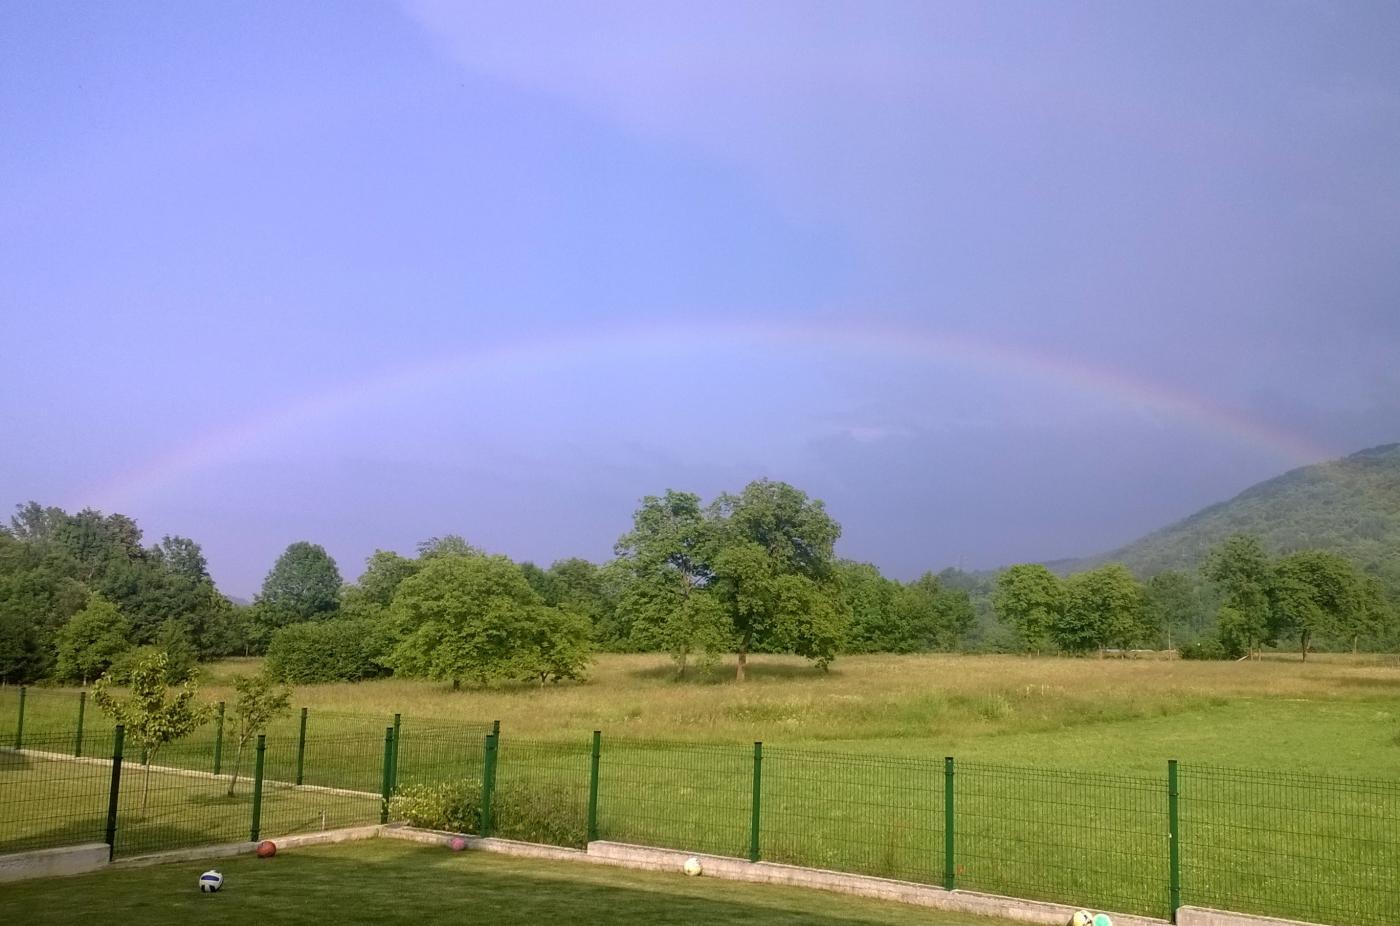 arcobaleno dopo il temporale a Gaiola